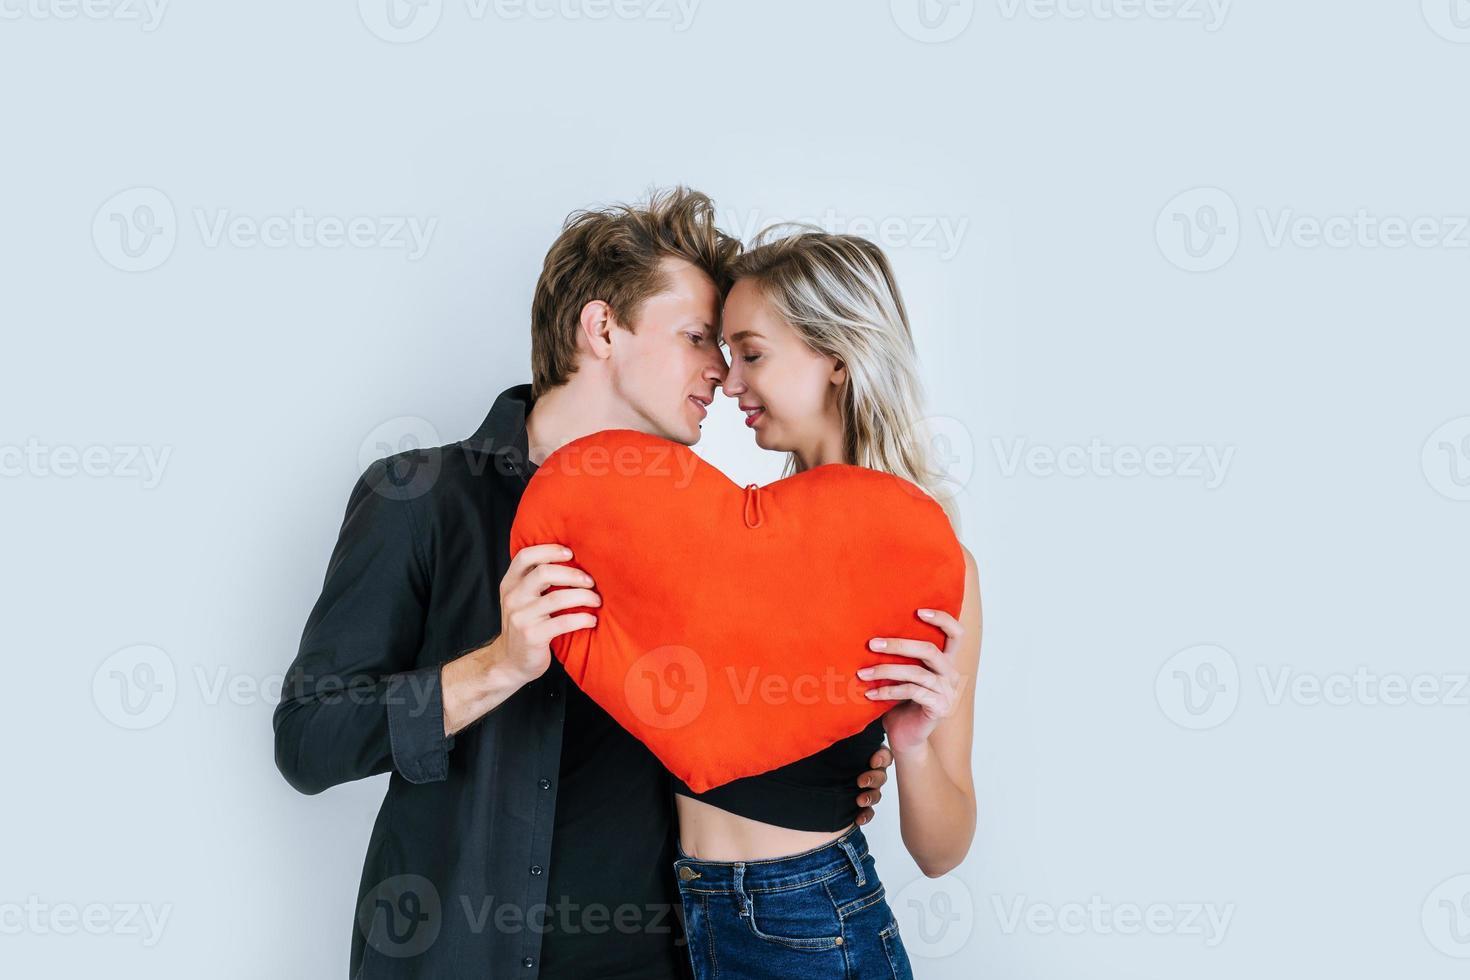 glückliches Paar, das zusammen liebt, ein rotes Herz haltend foto